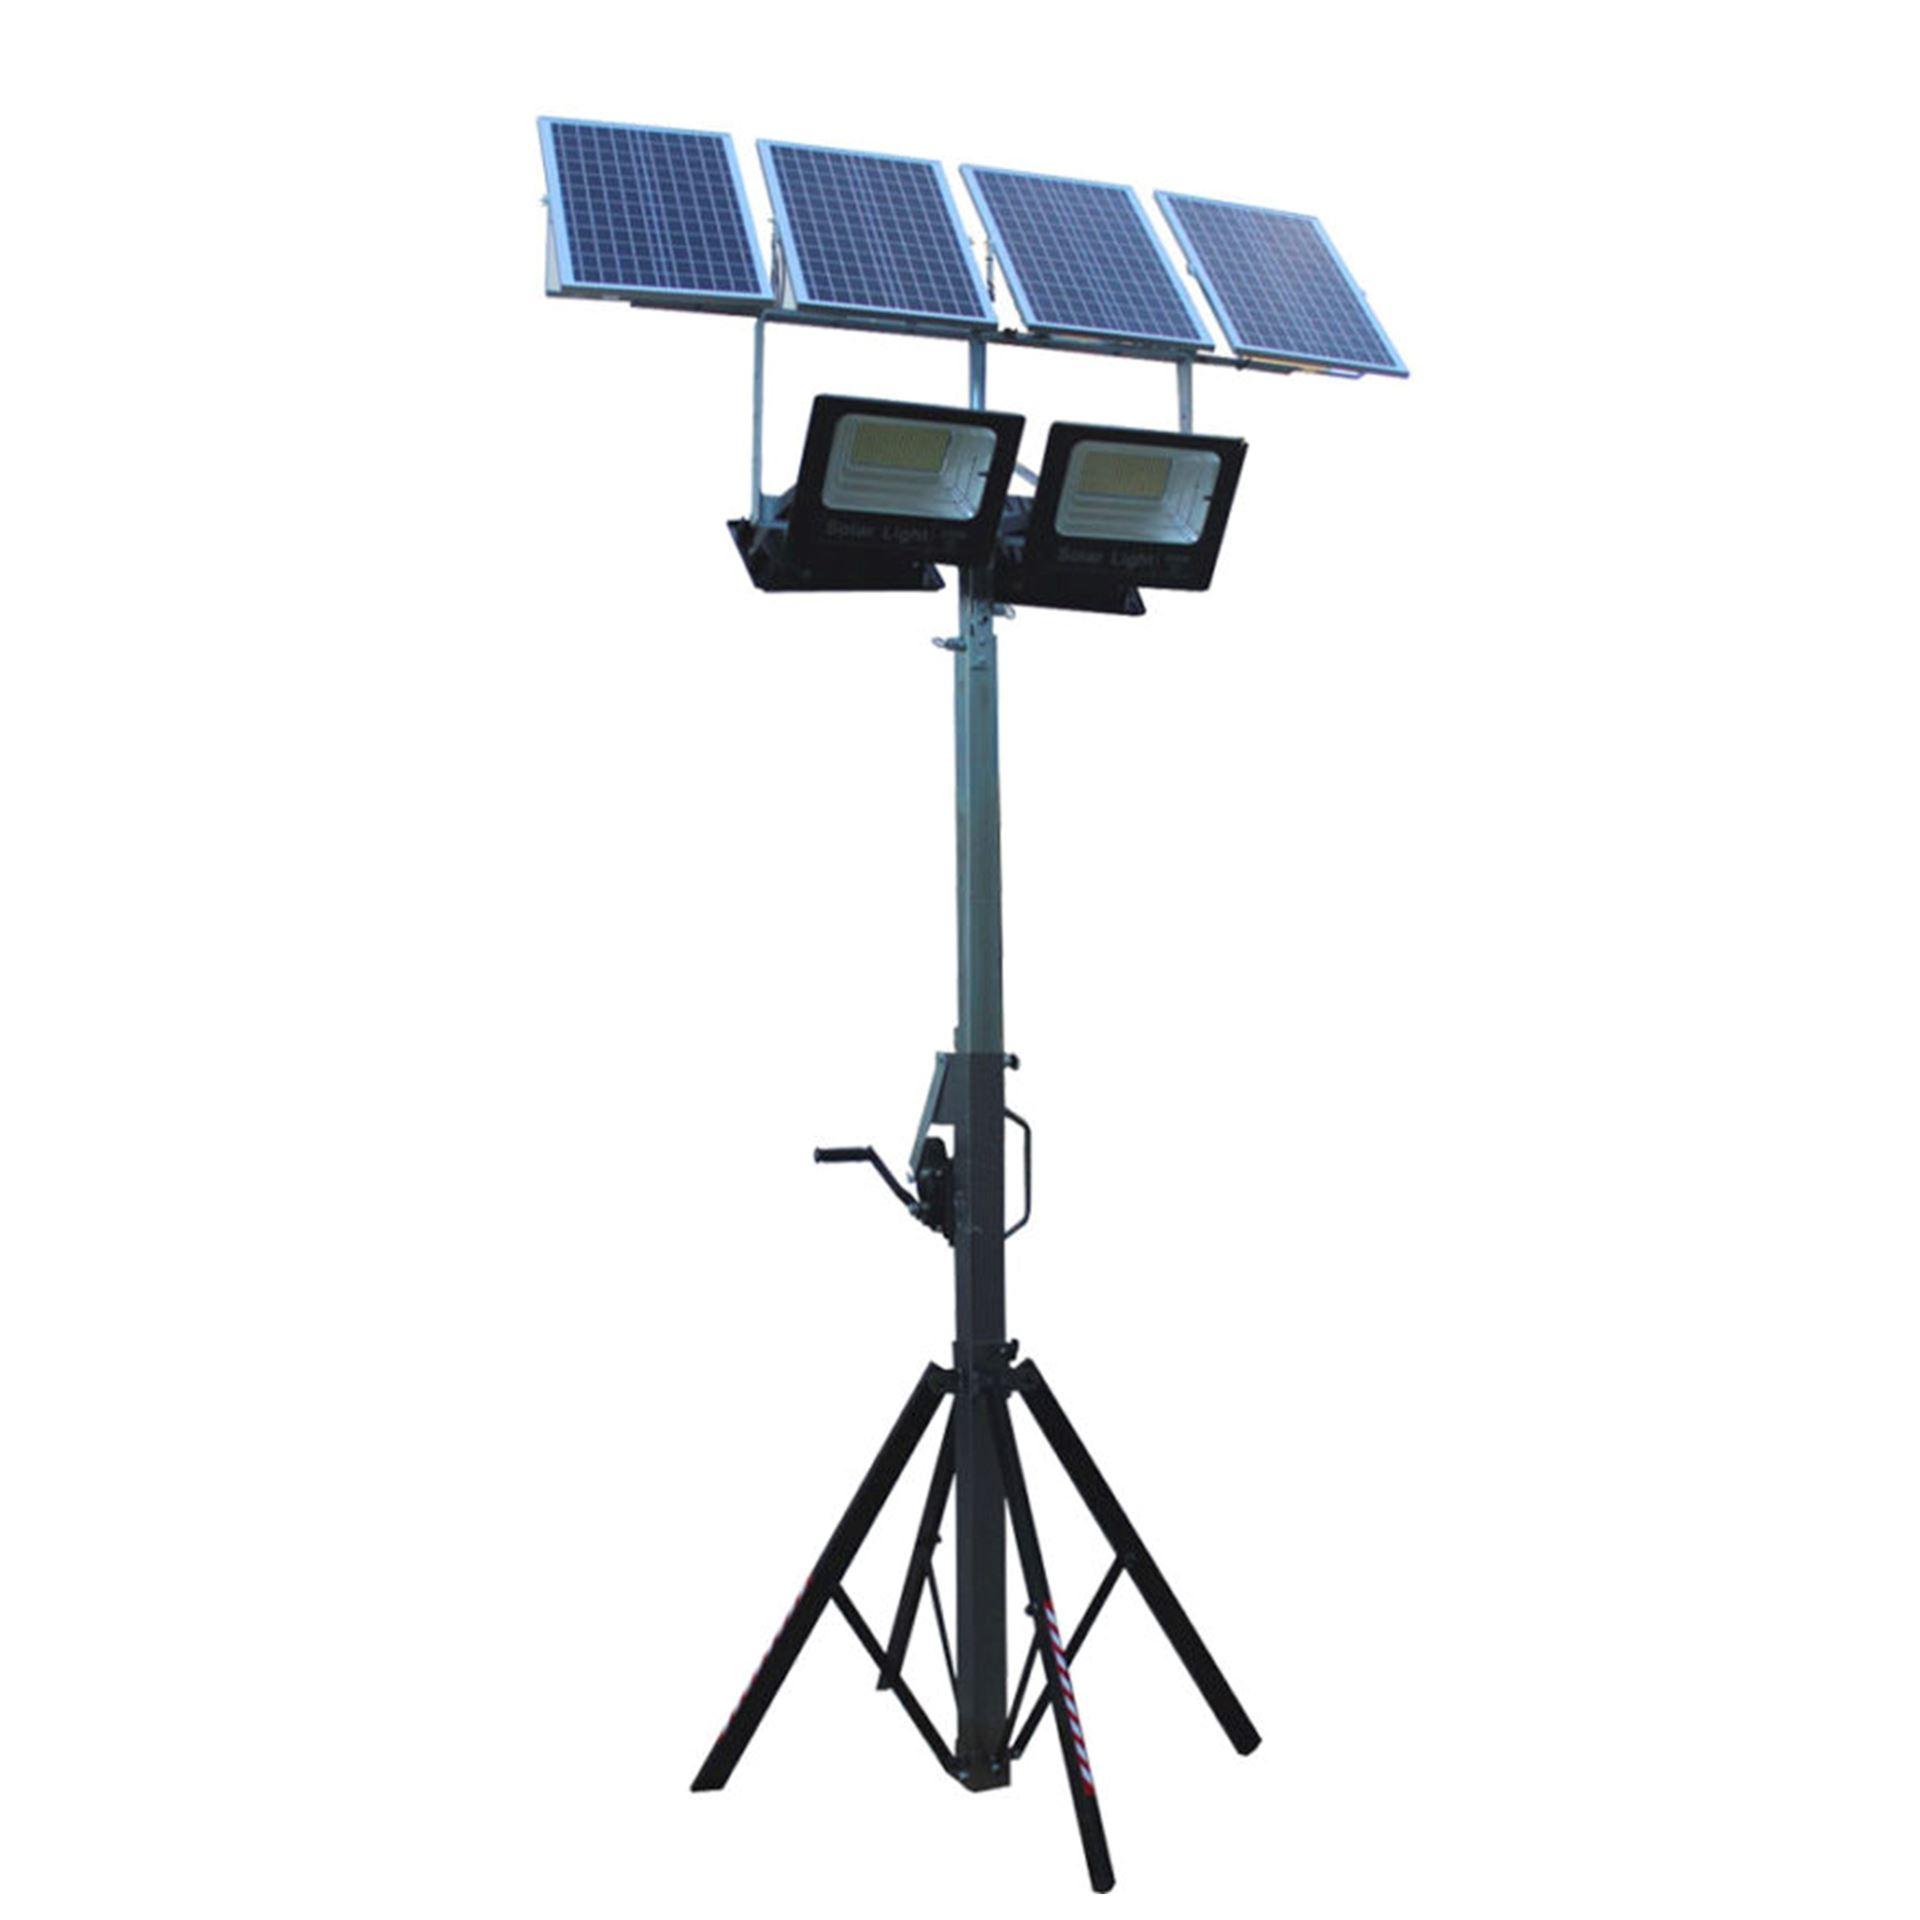 Imagen de Focos led placa solar con trípode 800 W Ayerbe